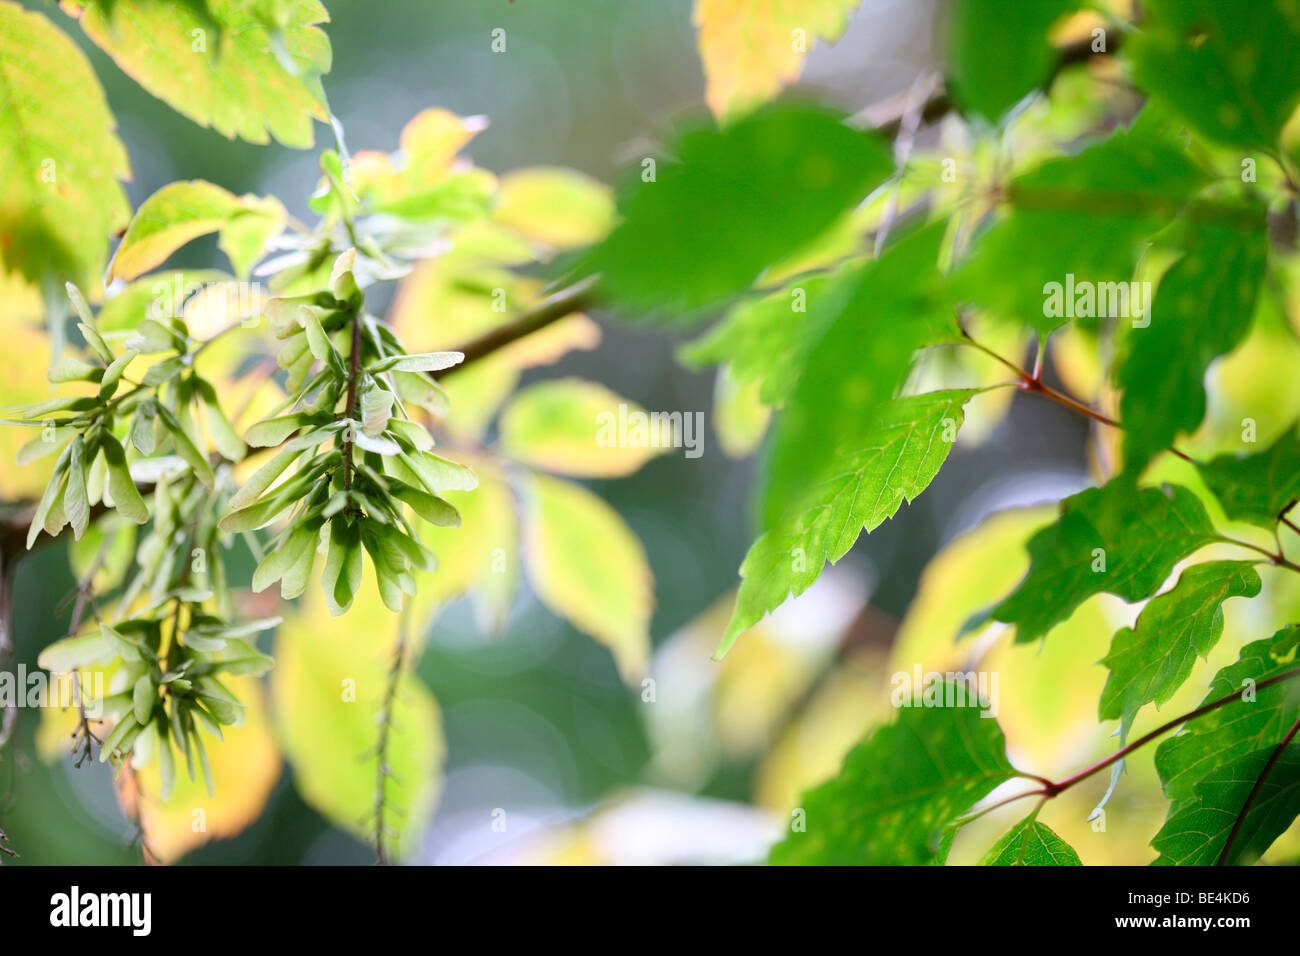 Vine lasciato Maple Acer Cissifolium estate per la stagione autunnale cambiare - fine art Jane-Ann fotografia fotografia Immagini Stock